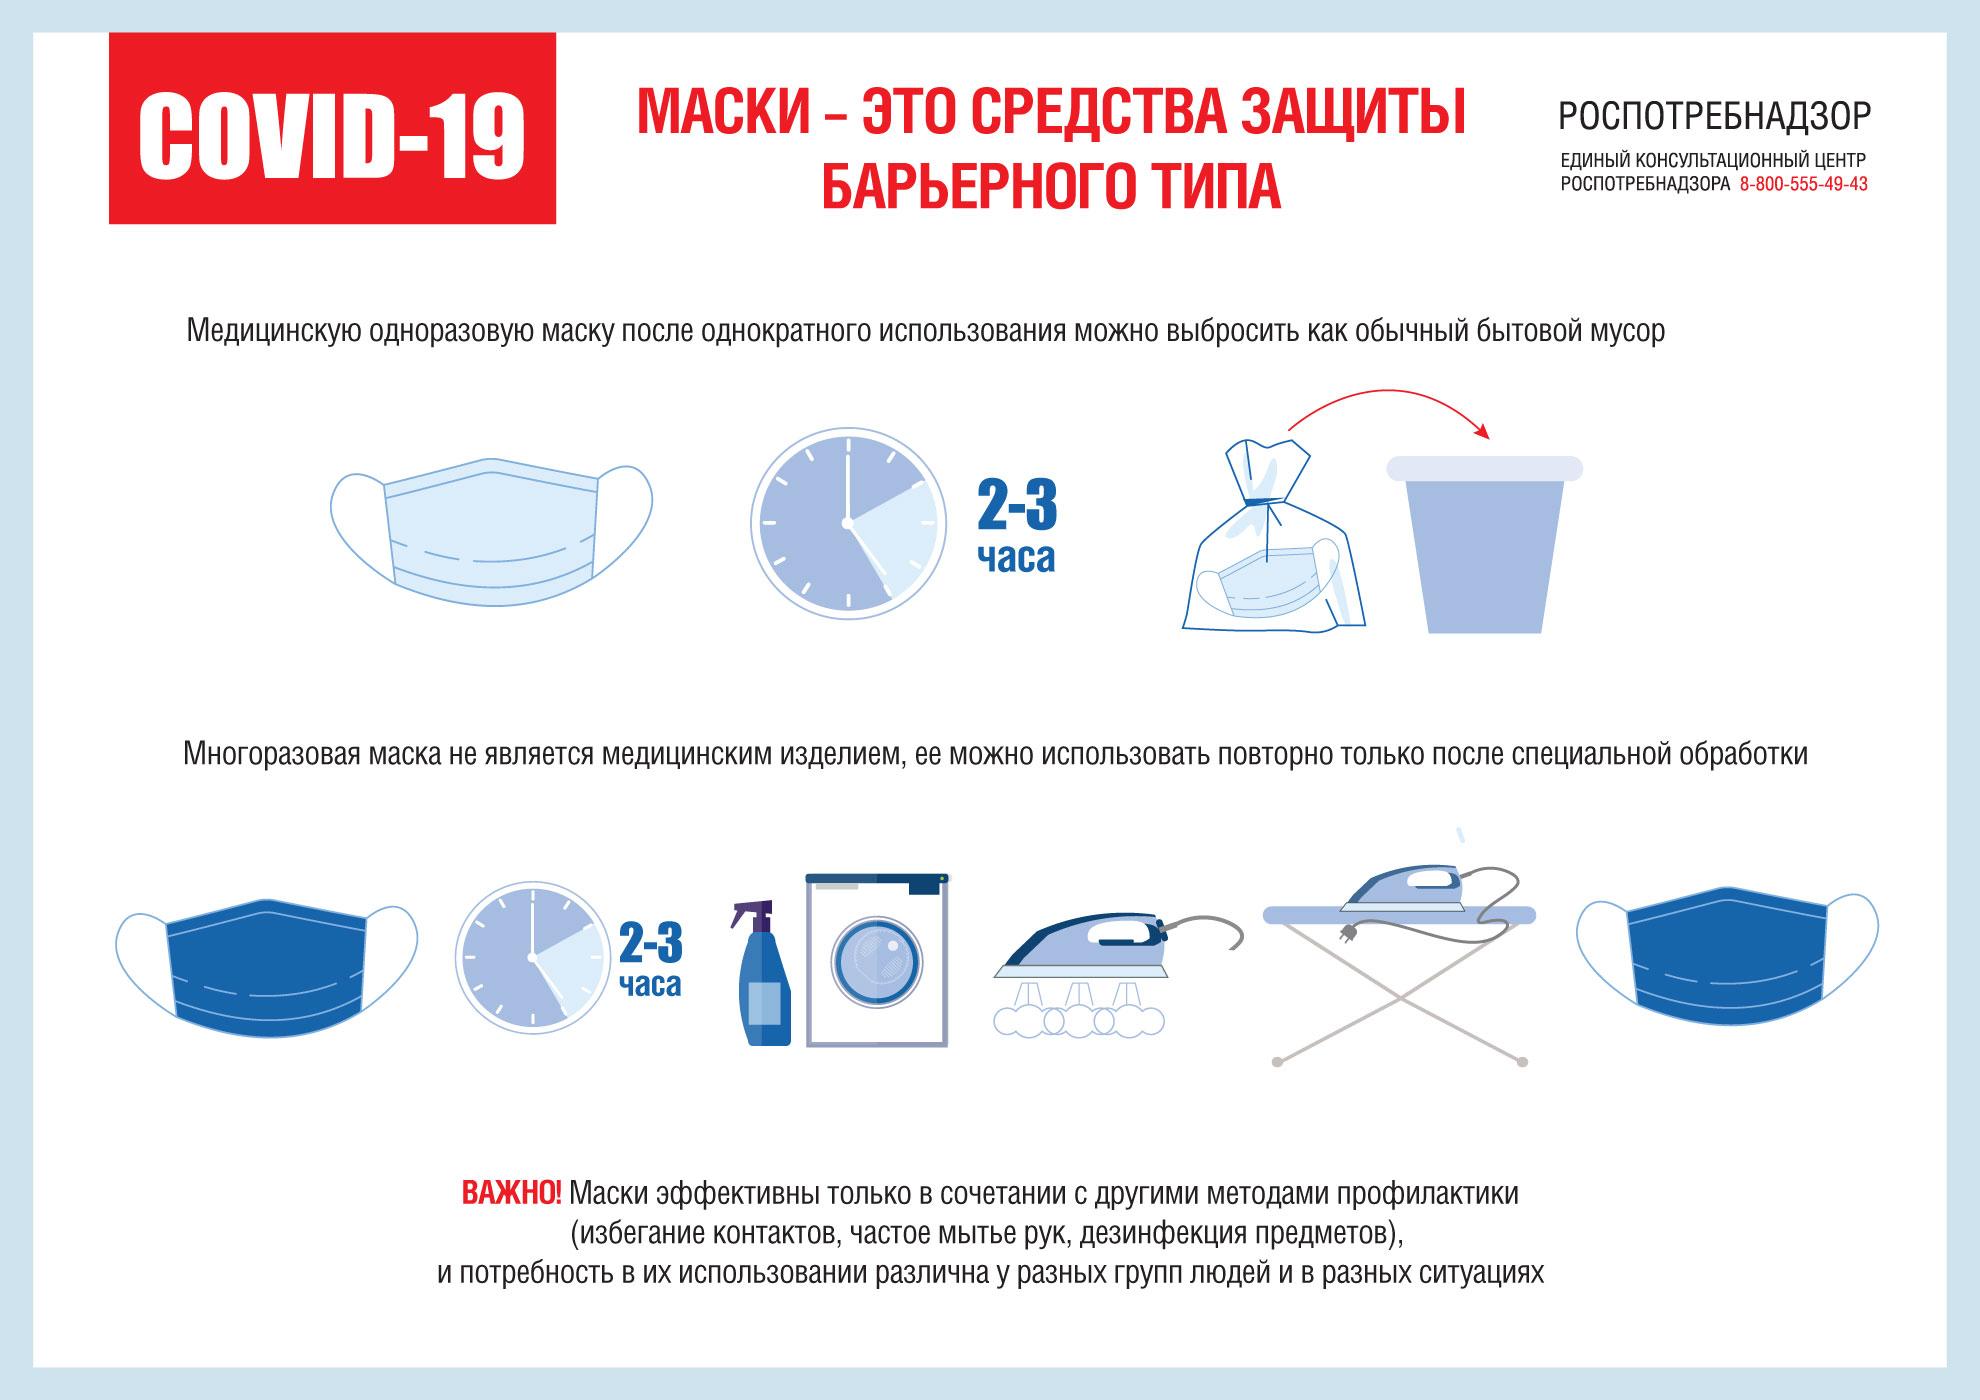 https://www.rospotrebnadzor.ru/files/news/A4-Maski_1980x1400px%20(3).jpg